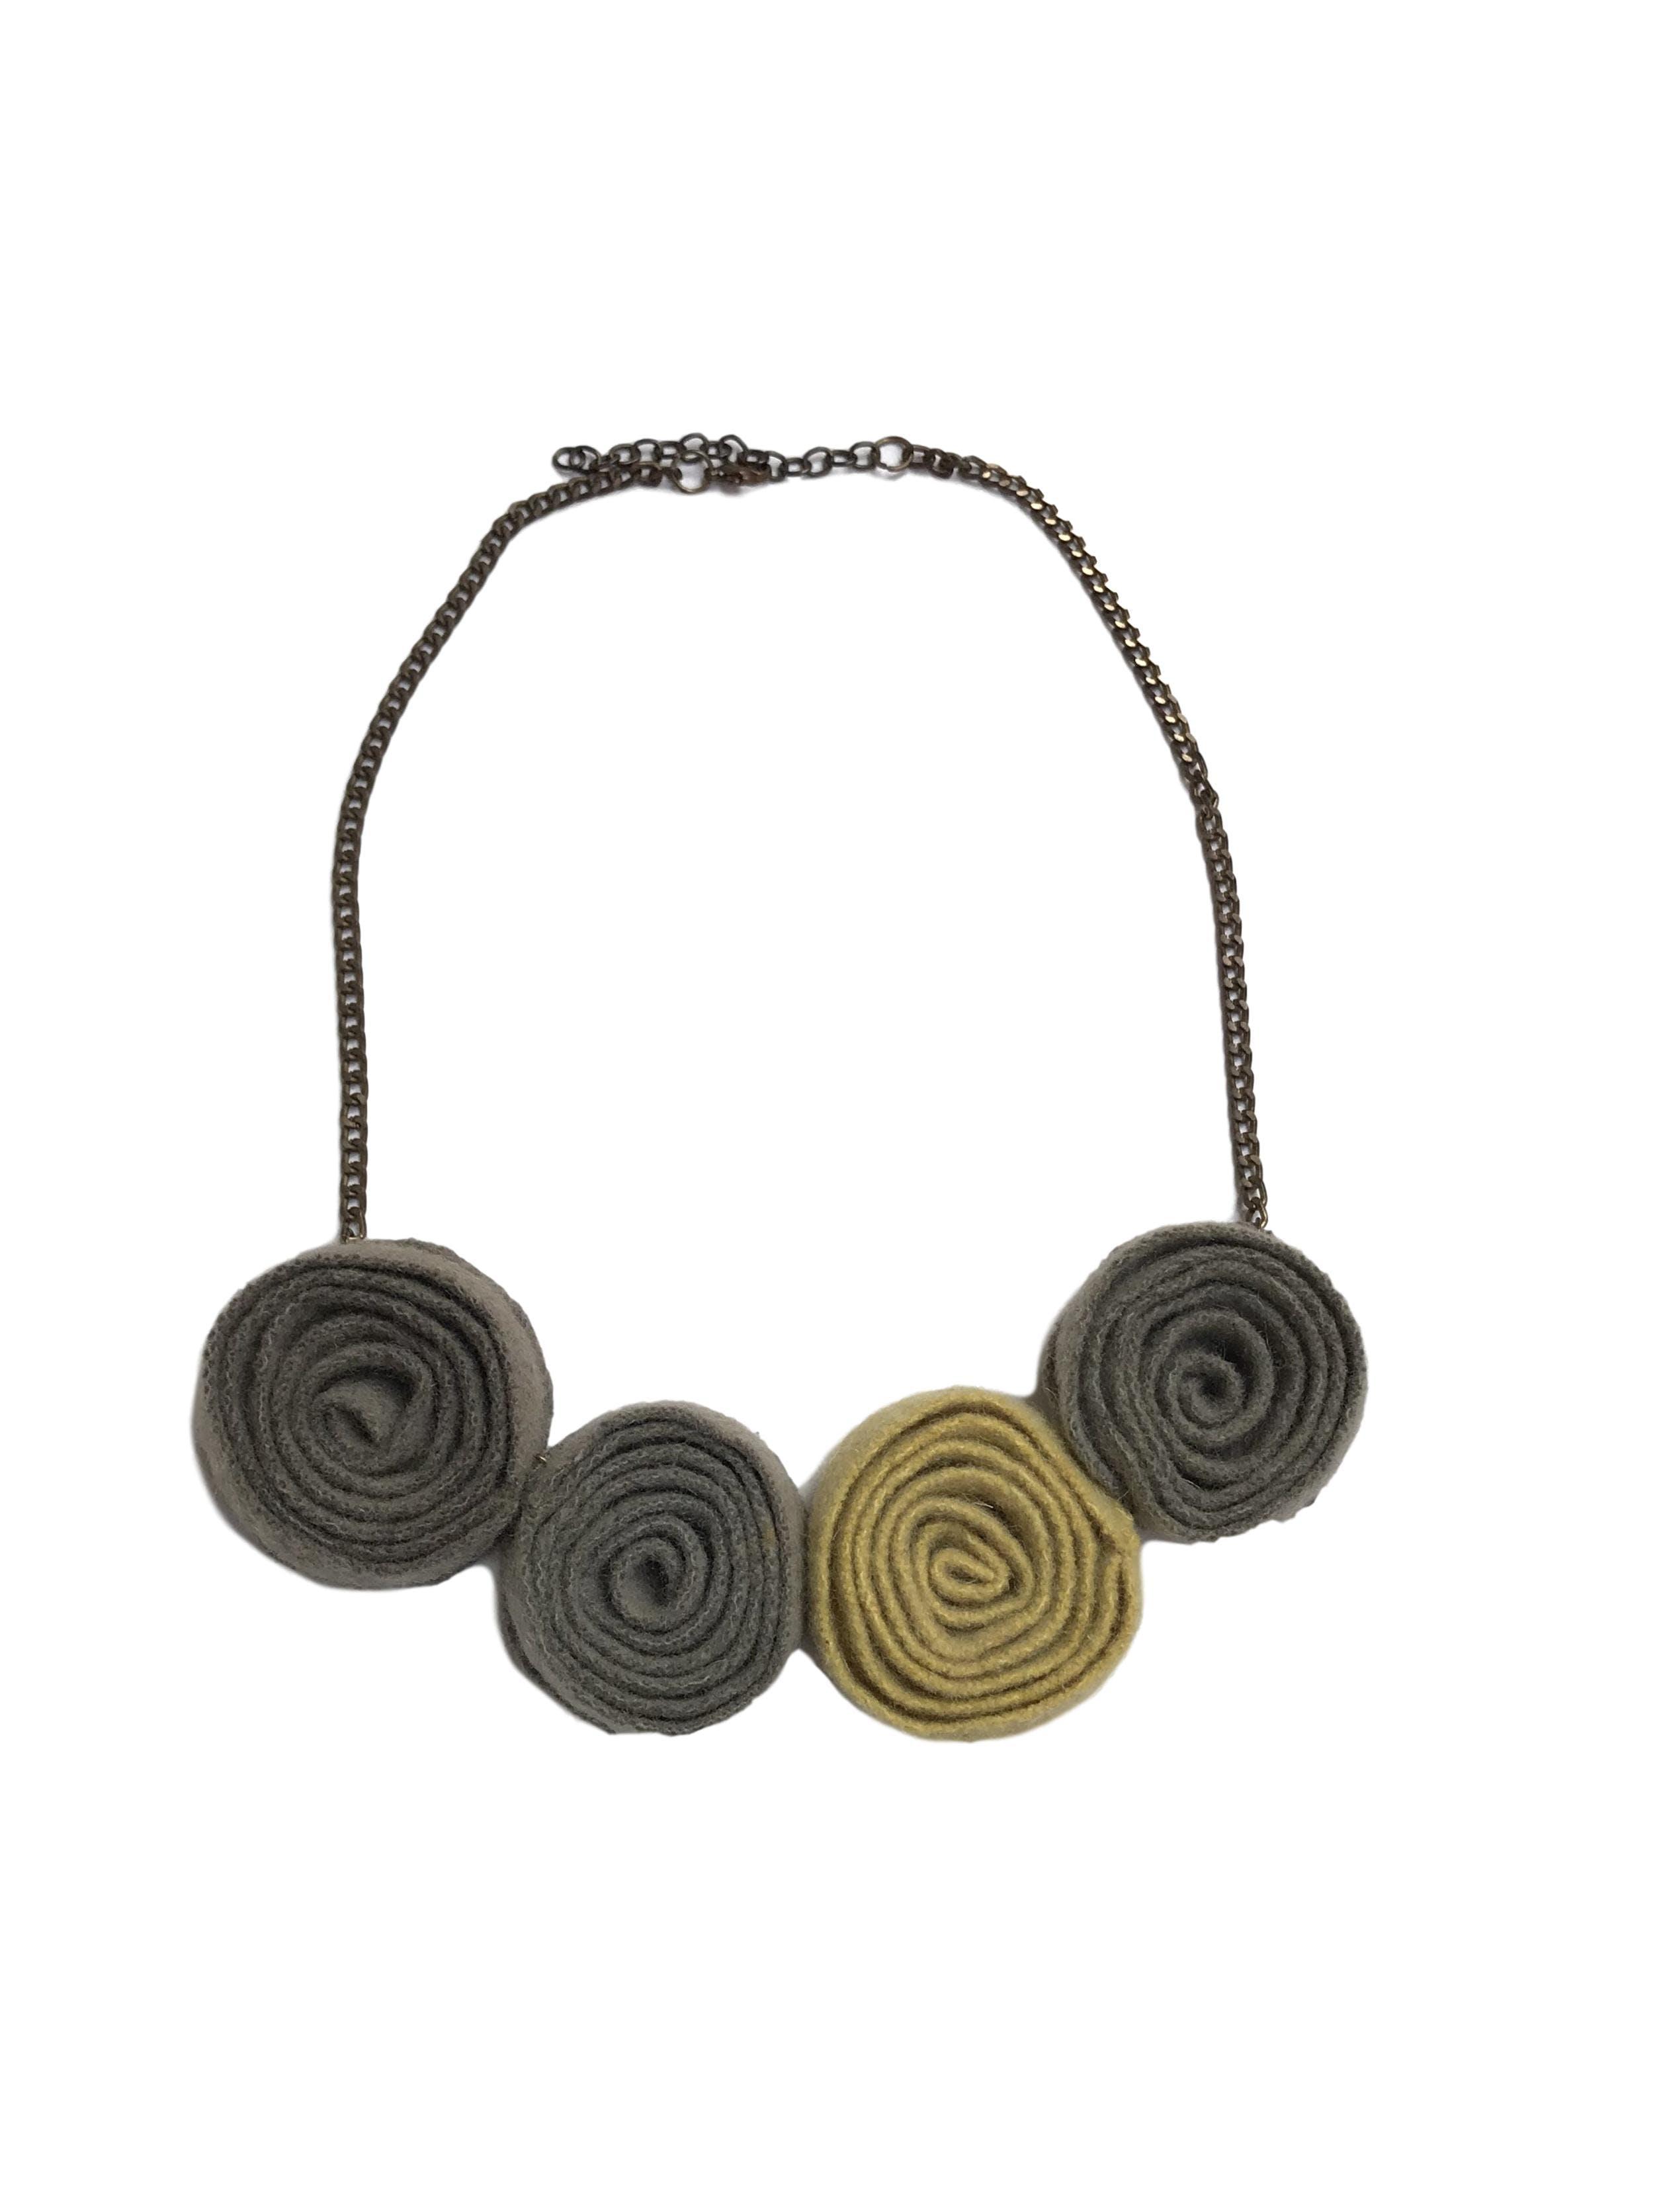 Collar cadena tono bronce con esferas de tela tipo lanilla. Largo de cadena 55cm (+5 regulable)